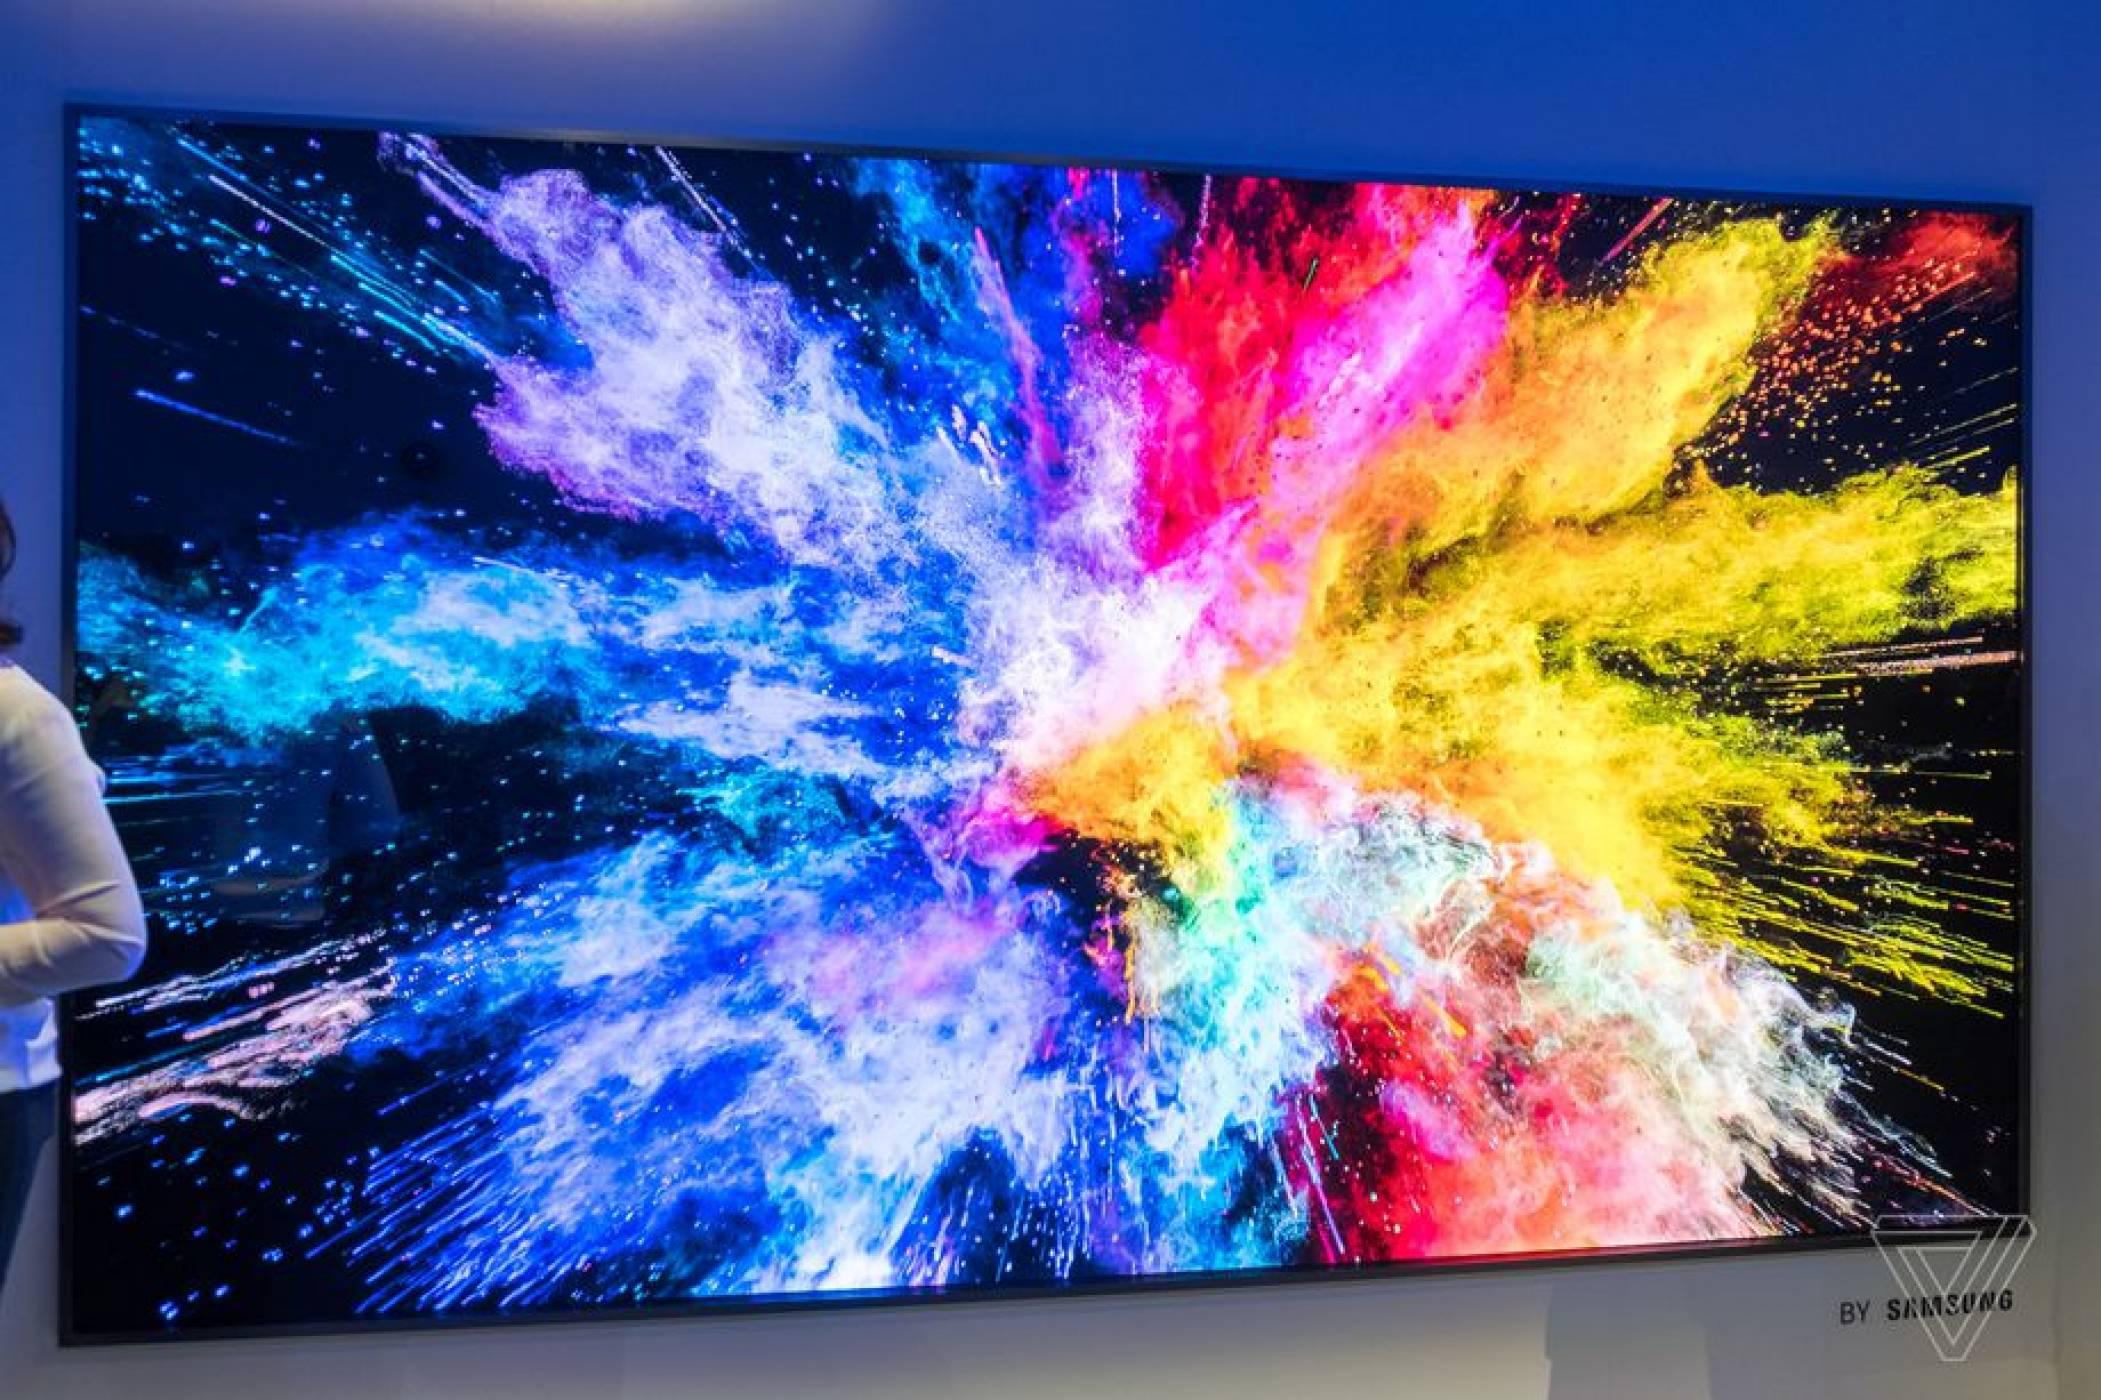 146-инчовият модулен телевизор The Wall на Samsung напълно заслужава името си